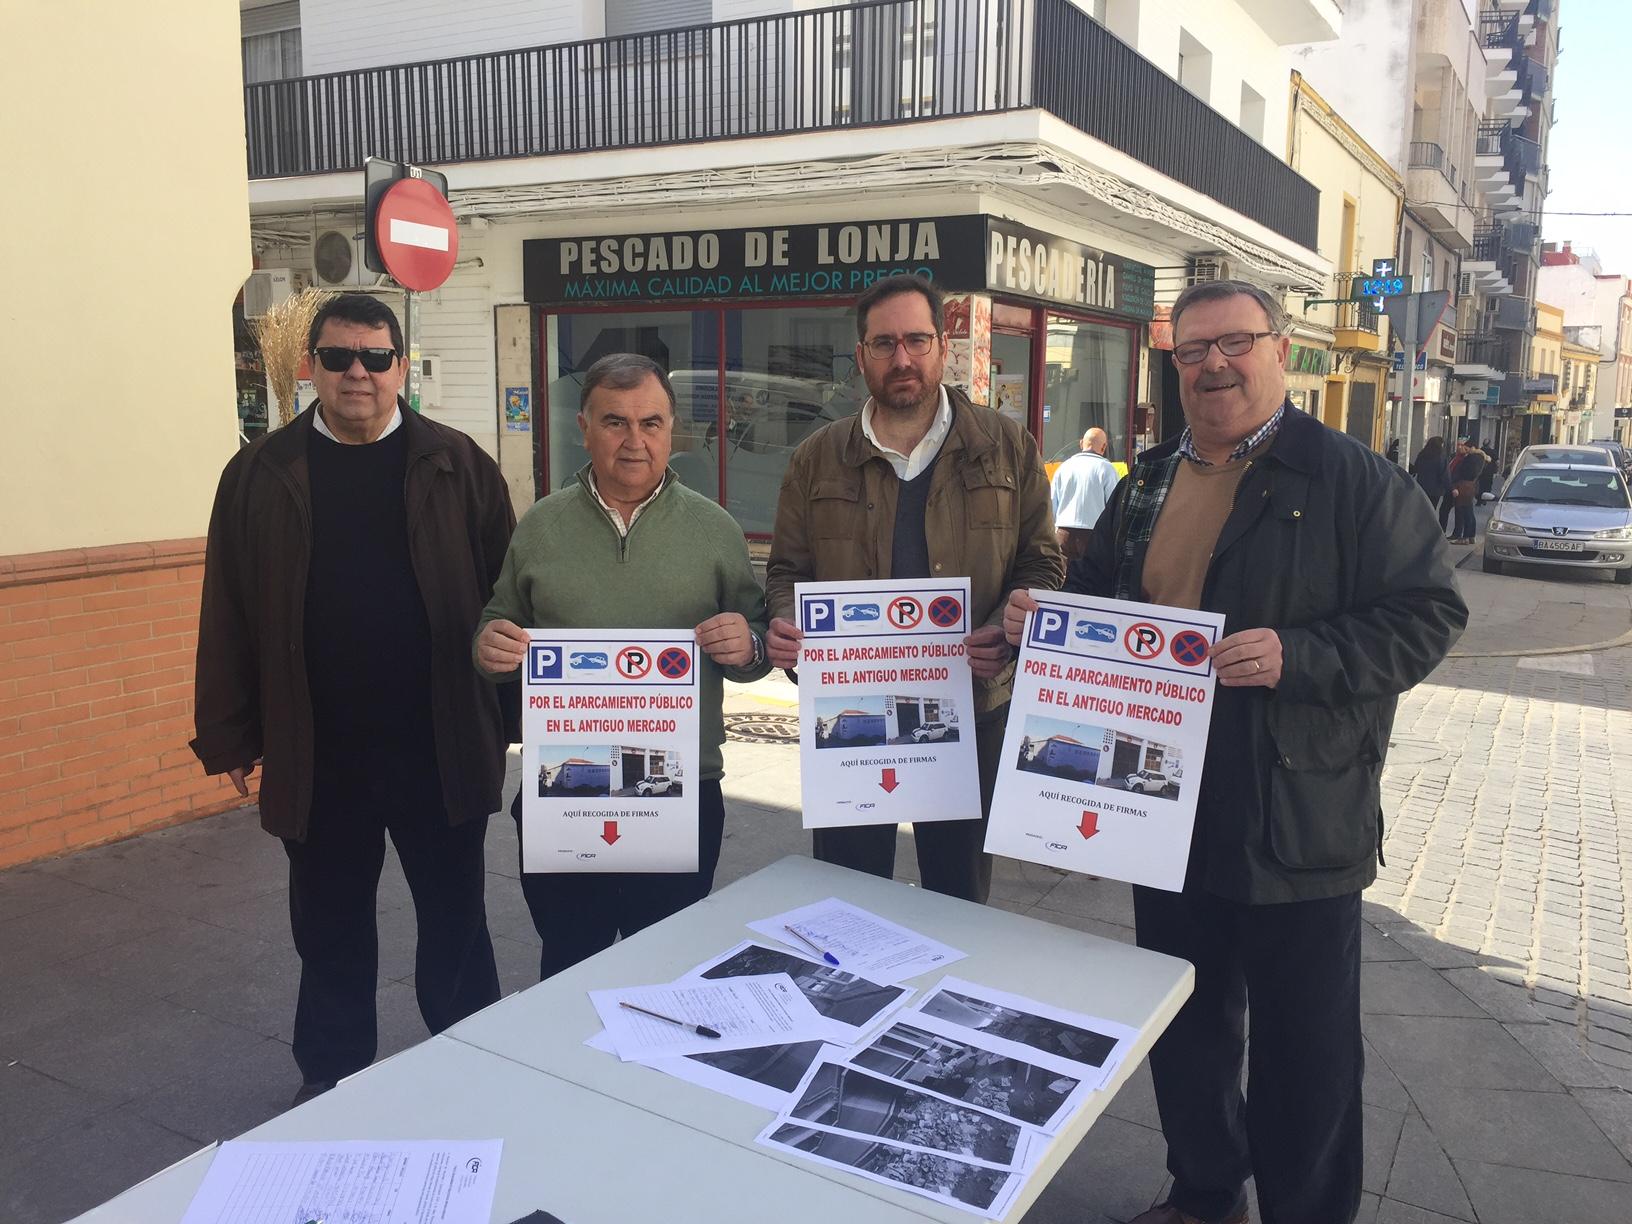 El Centro de Alcalá tiene una oportunidad de impulsarse con el aprovechamiento del antiguo Mercado de Abastos